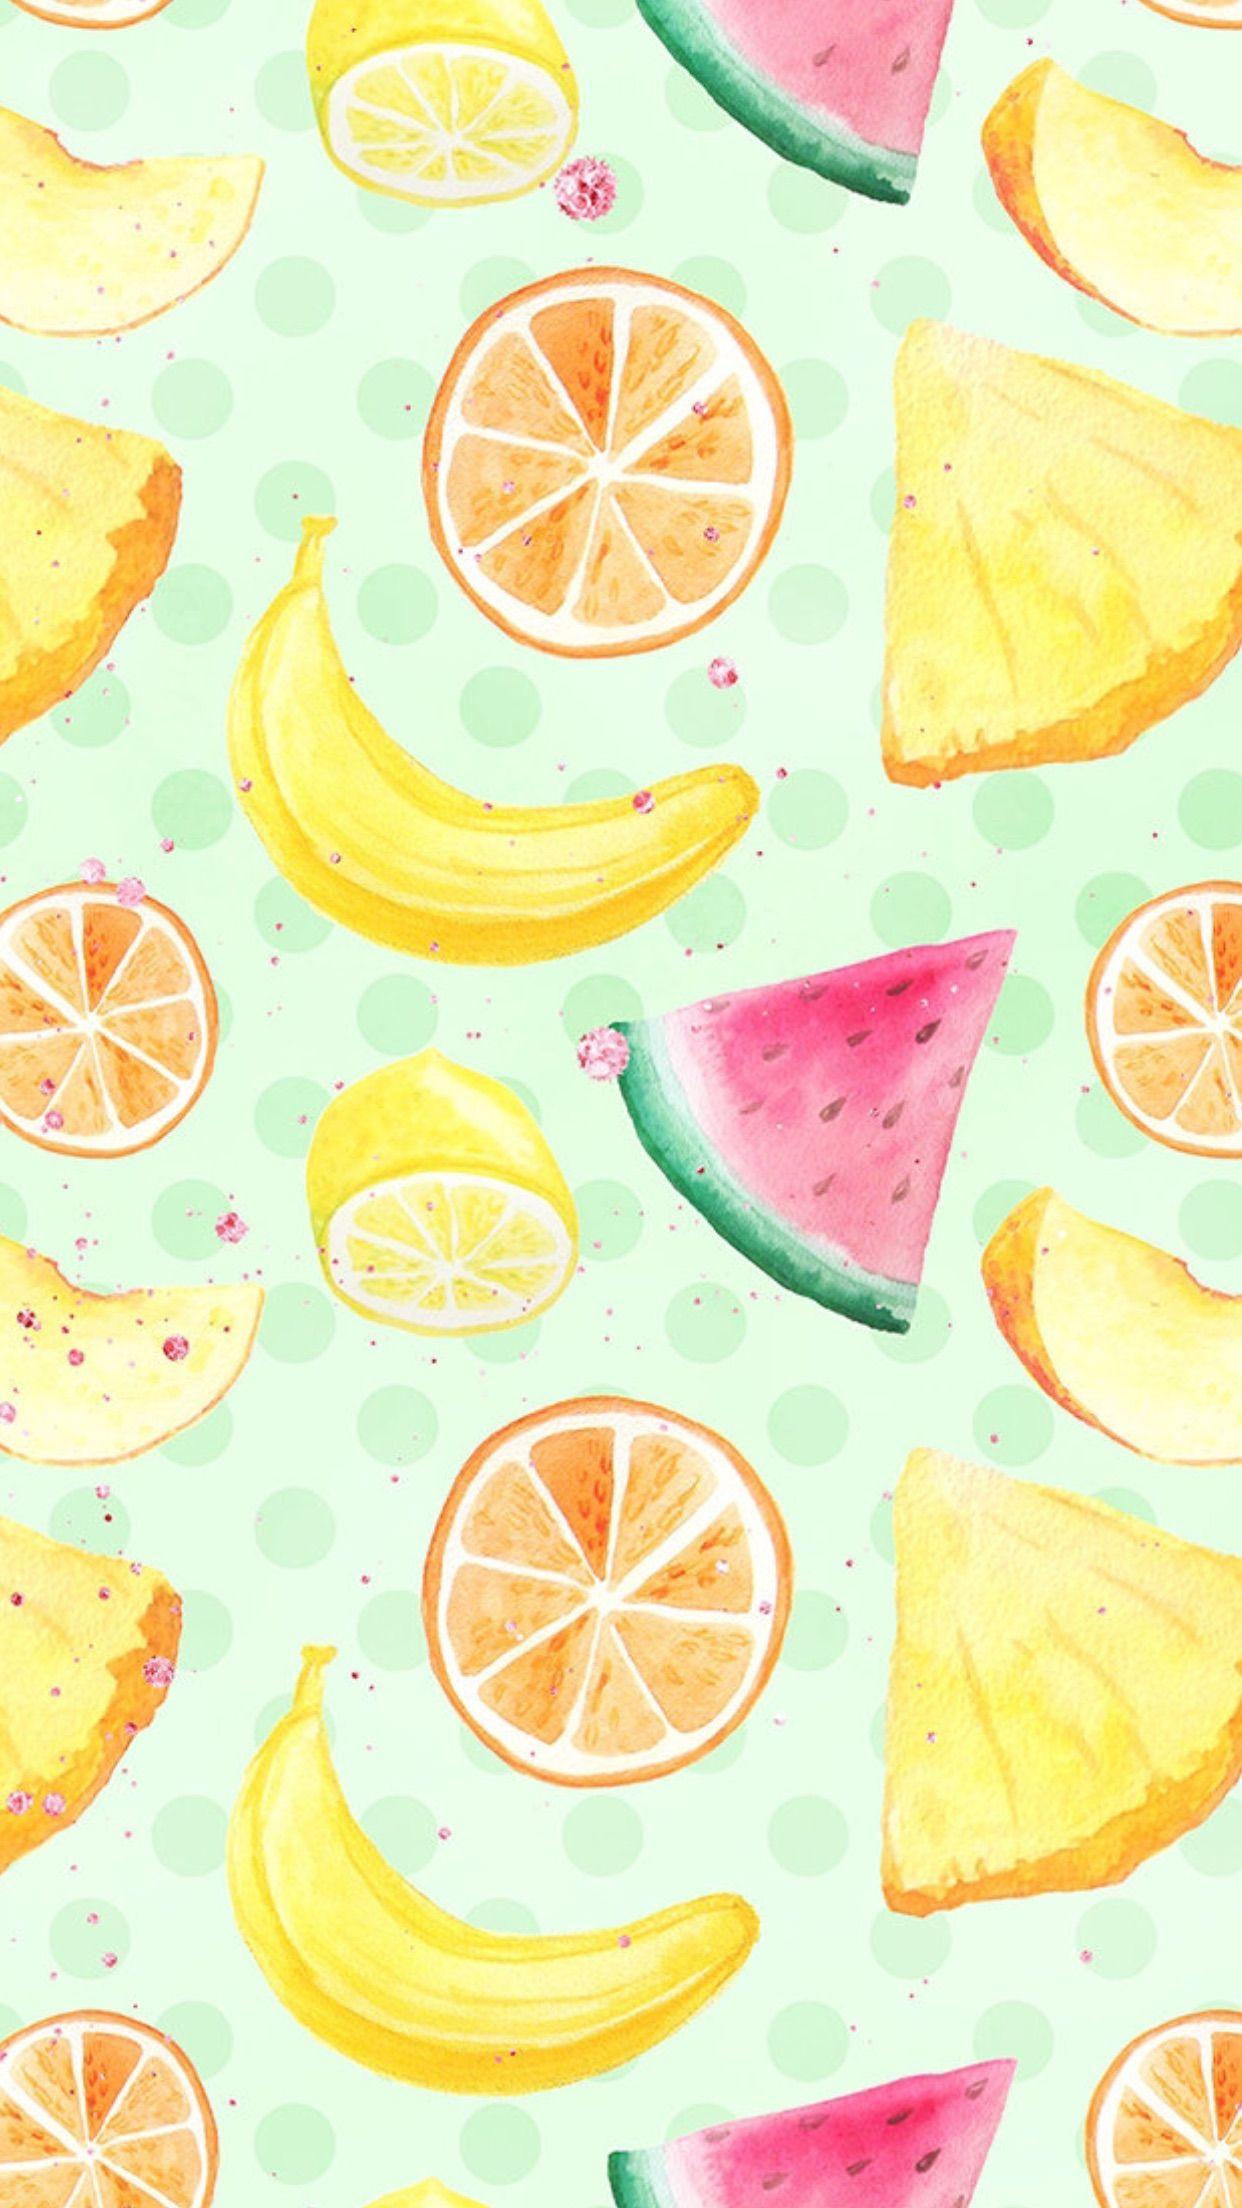 Wallpaper Iphone 背景 In 2019 Summer Wallpaper Food Wallpaper